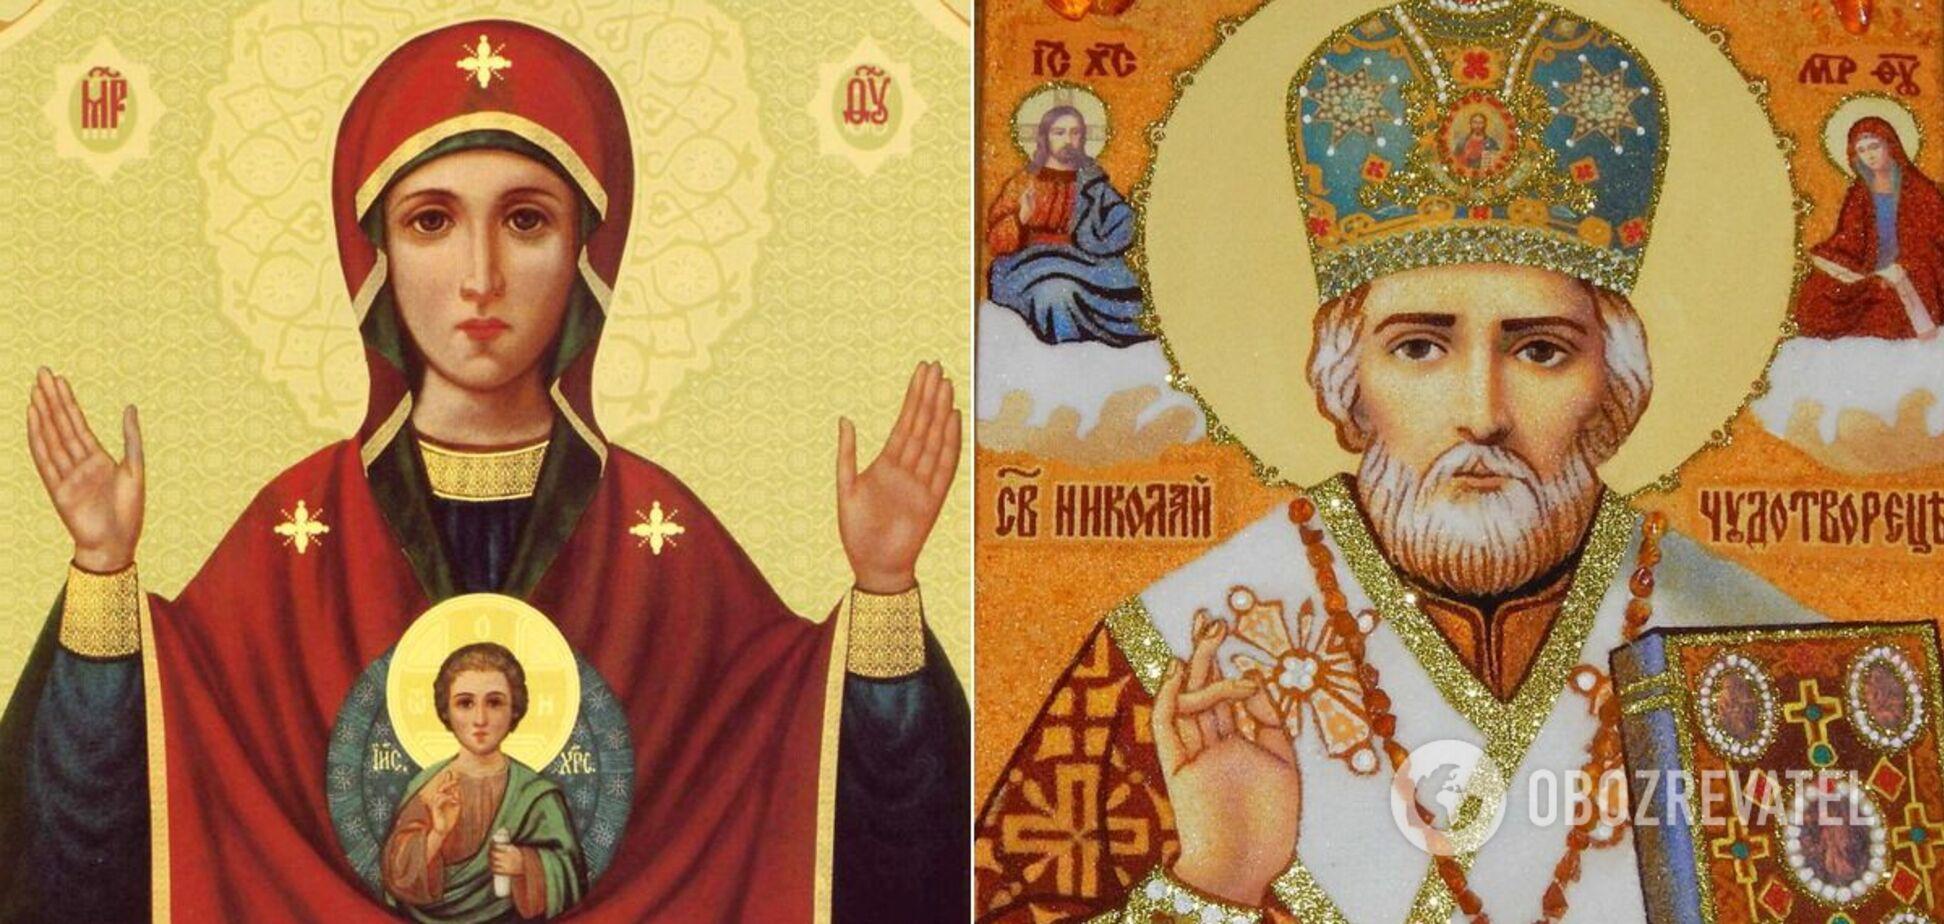 В декабре отмечаются День святого Николая, иконы Божьей Матери 'Знамение' и другие праздники